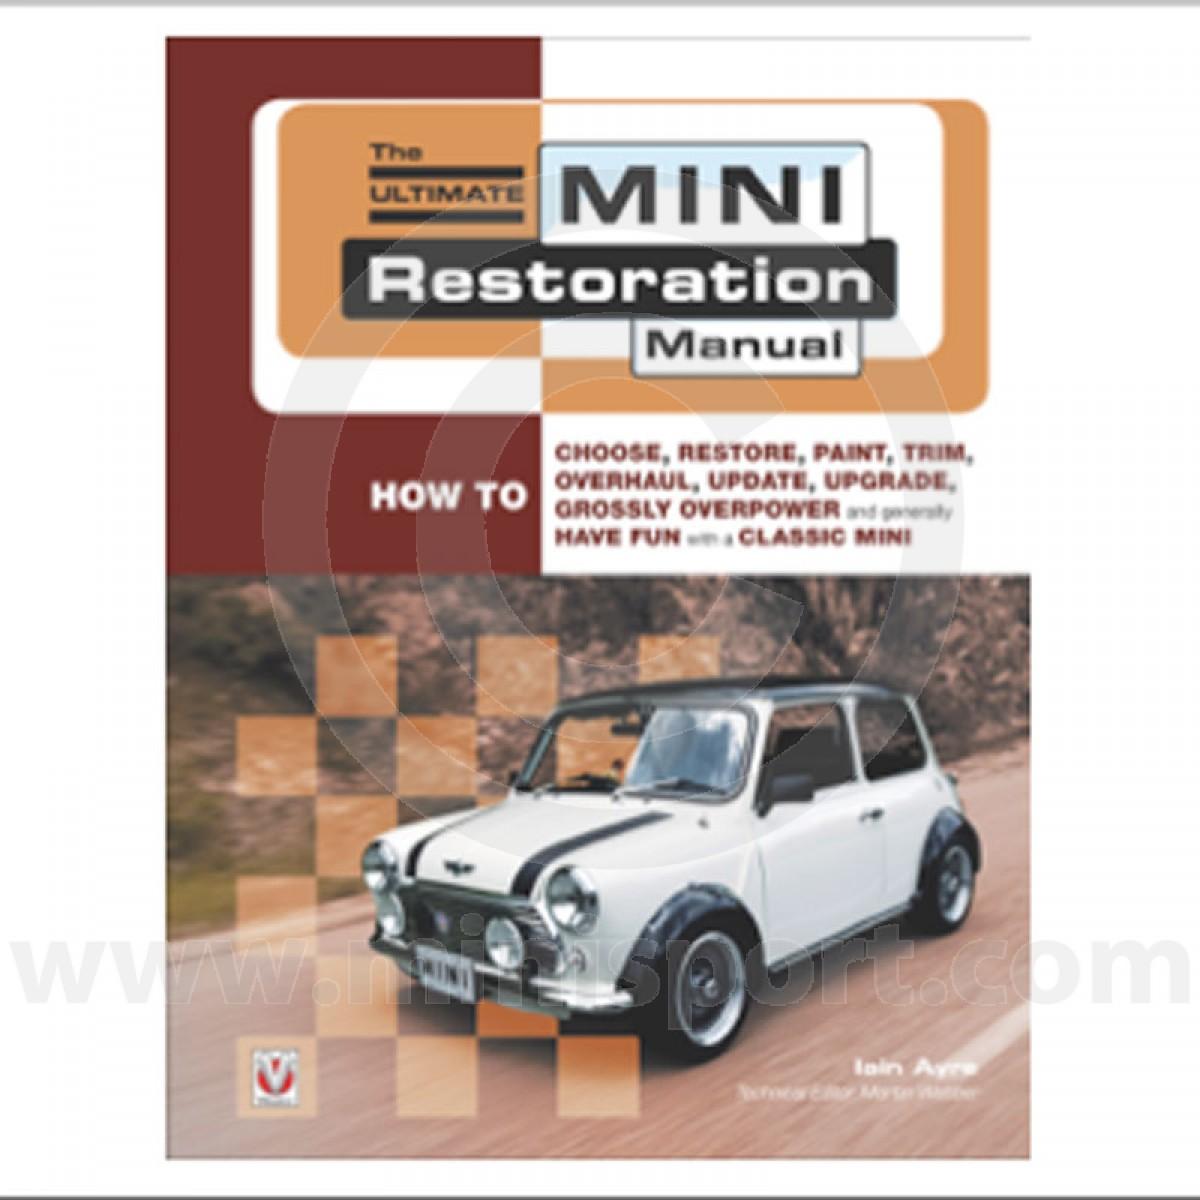 the ultimate mini restoration manual mini books manuals mini sport rh minisport com classic mini manual pdf classic mini manual washer pump